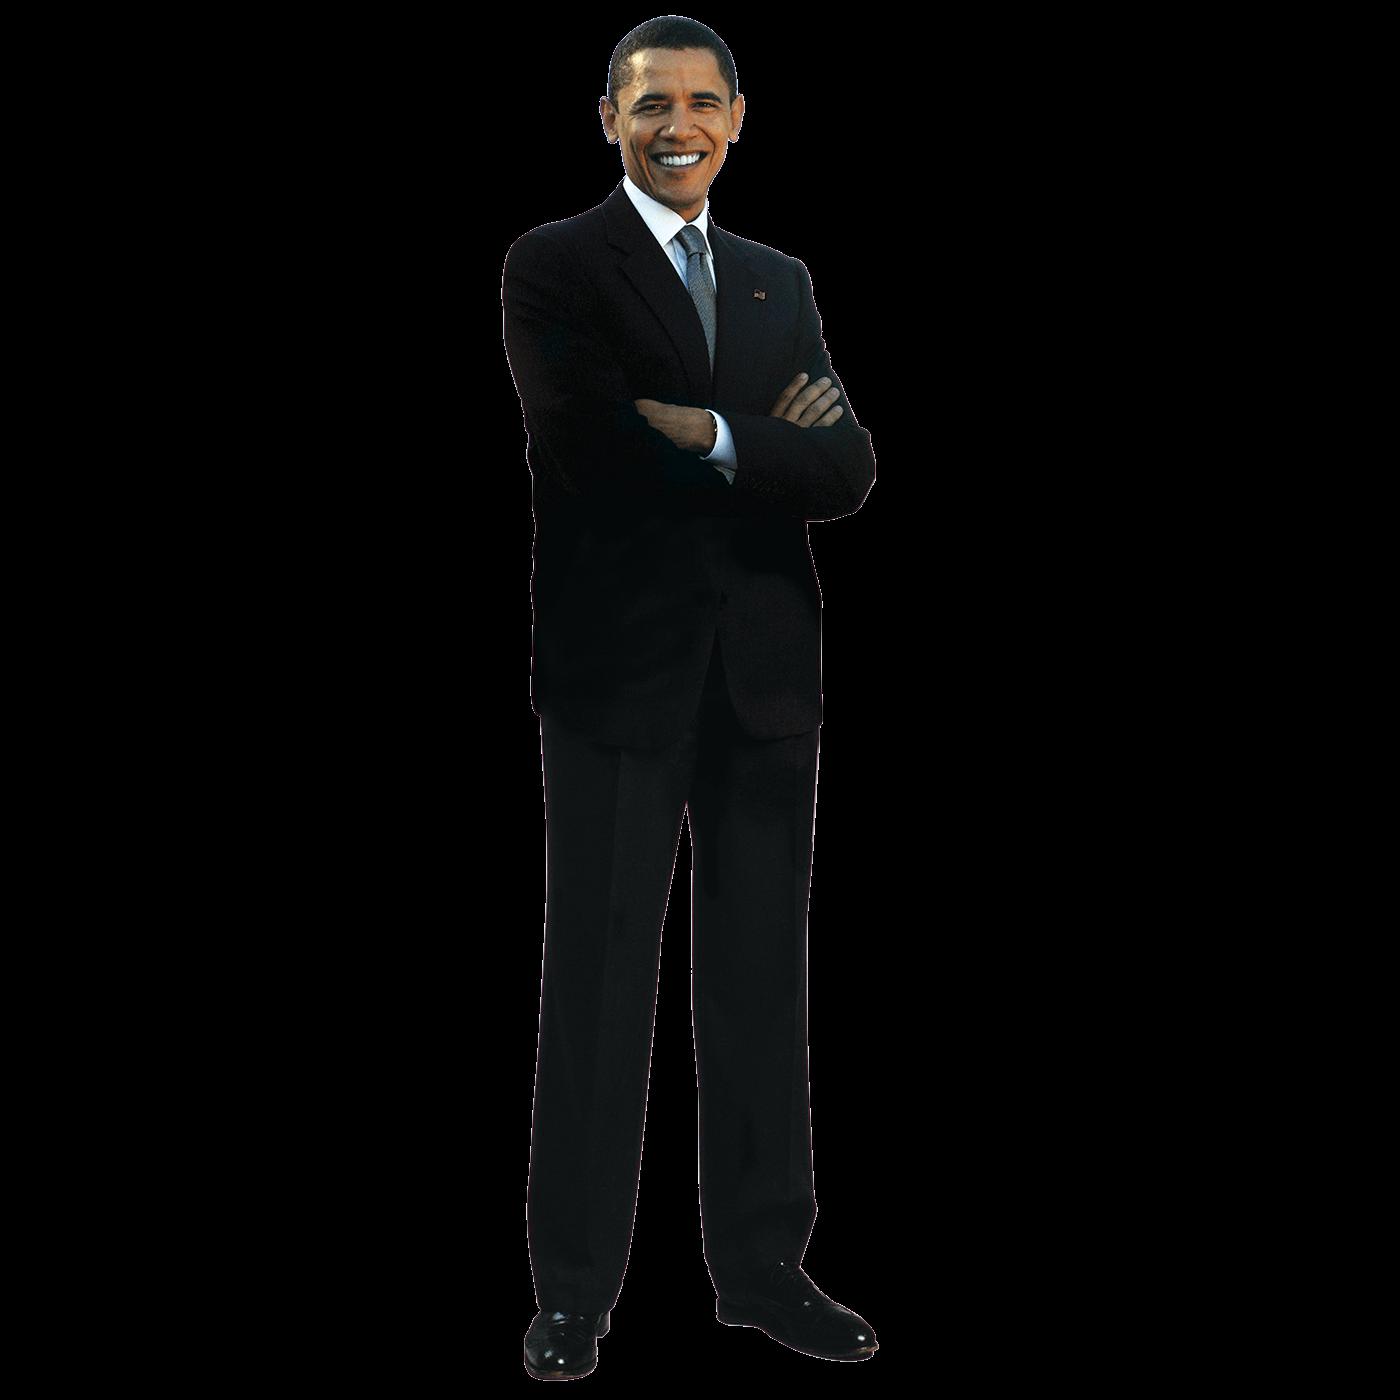 Barack Obama PNG - 860